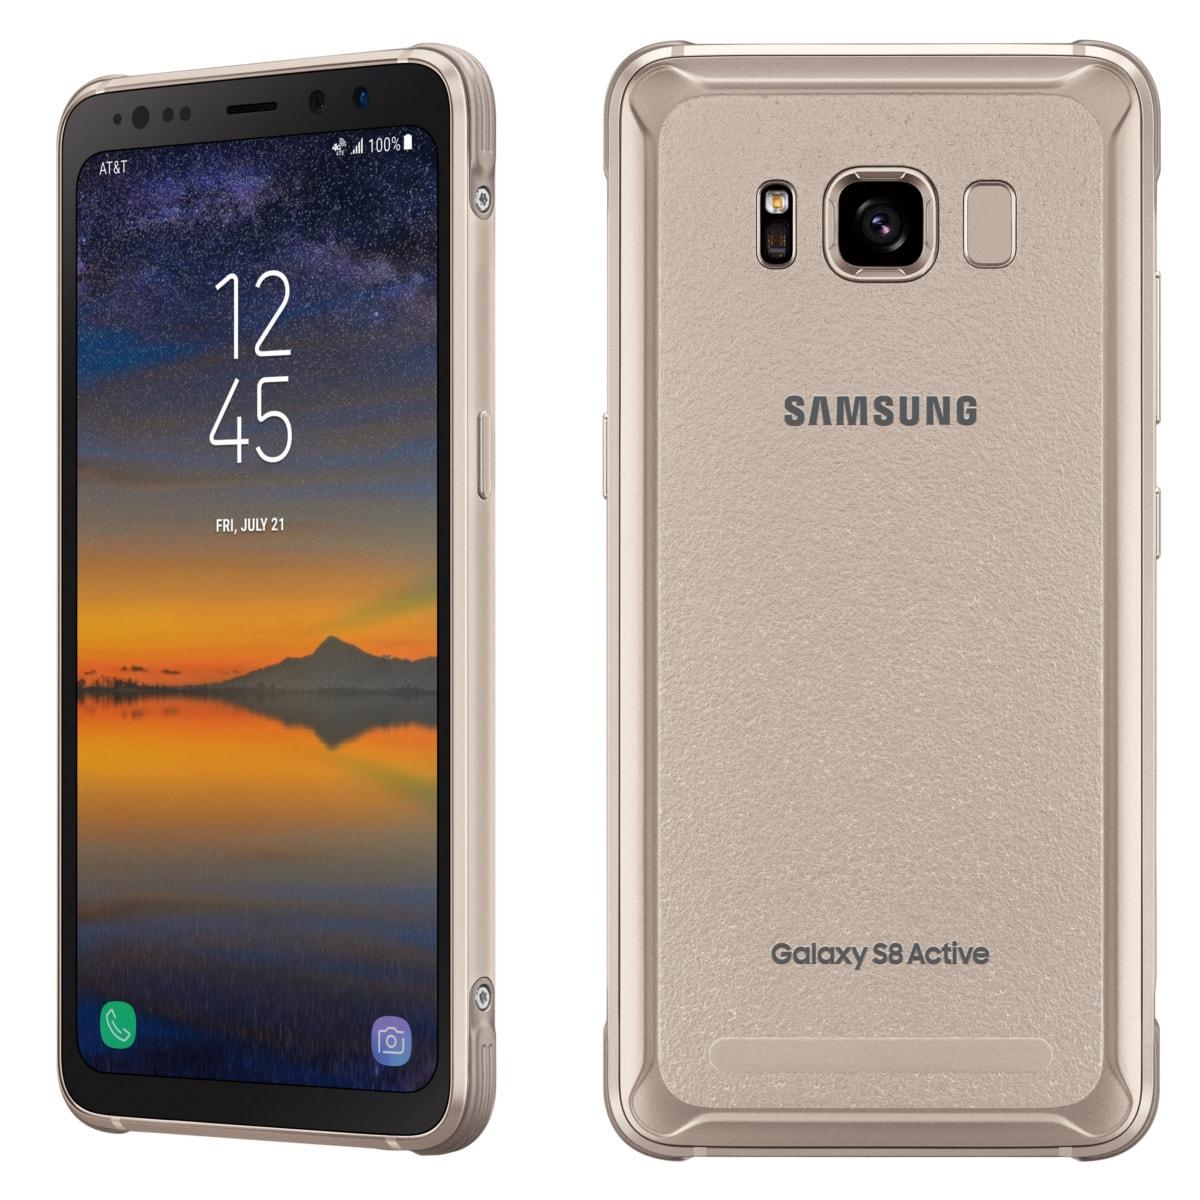 Samsung Galaxy S8 Active - wytrzymała wersja Galaxy S8 nie będzie dostępna w Polsce